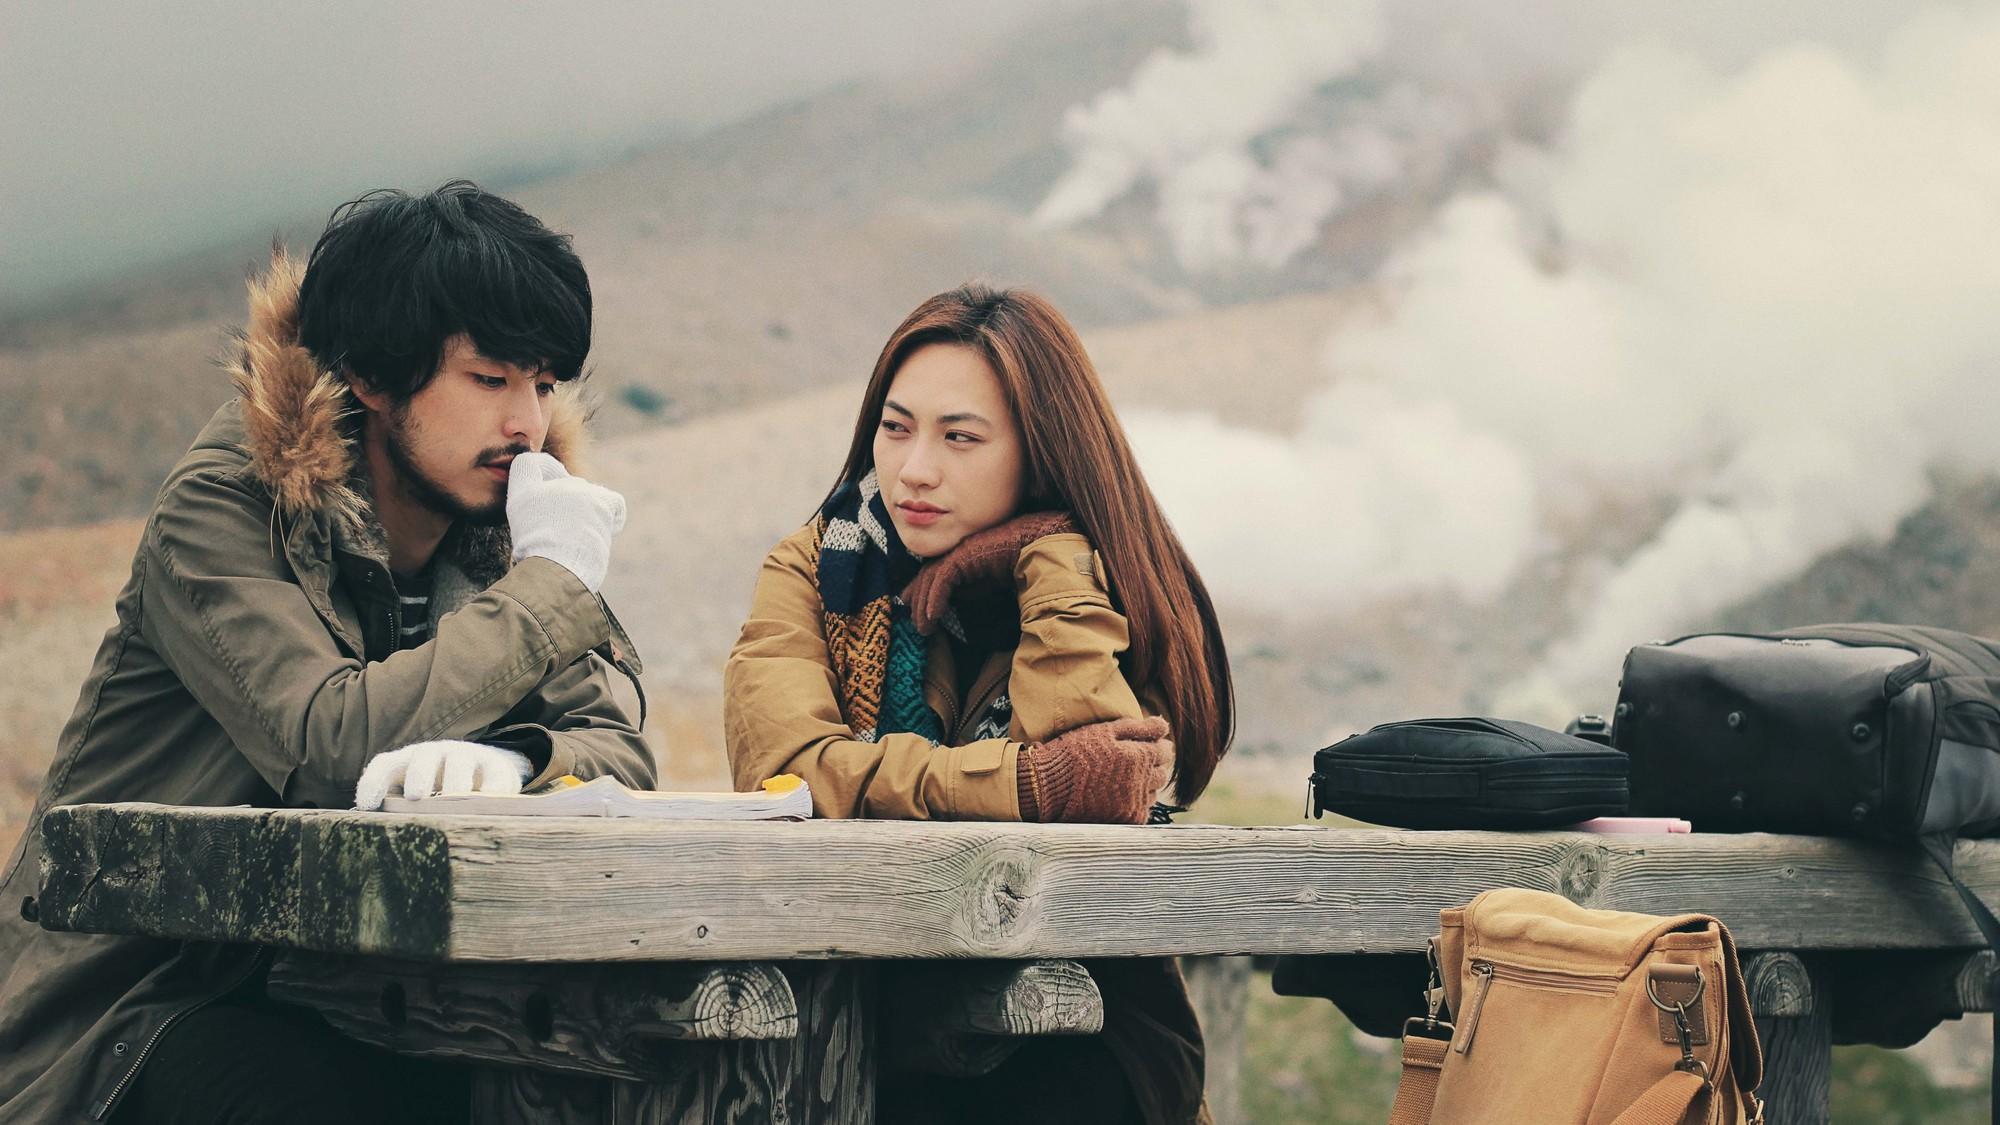 Nhắm Mắt Thấy Mùa Hè tung teaser đẹp miên man với 90% bối cảnh ở Nhật - Ảnh 2.